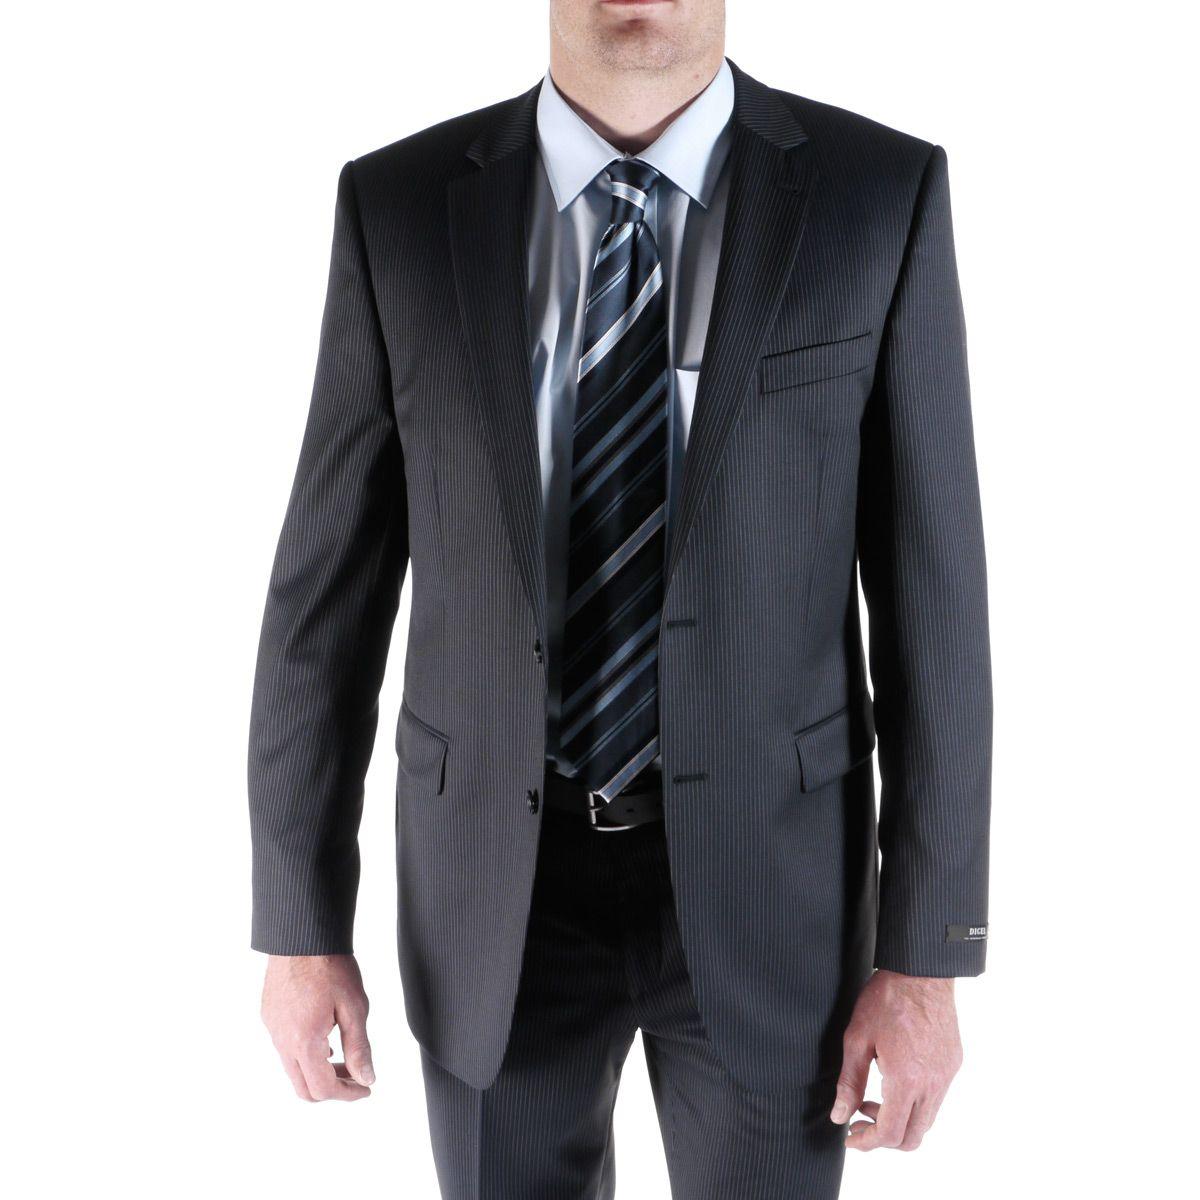 Plus connu sous le terme de costard, de complet-veston, de veston-cravate ou de complet, le costume est un ensemble pour homme. À la base, le costume trois-pièces est composé de veston ou veste, de gilet et de pantalon.